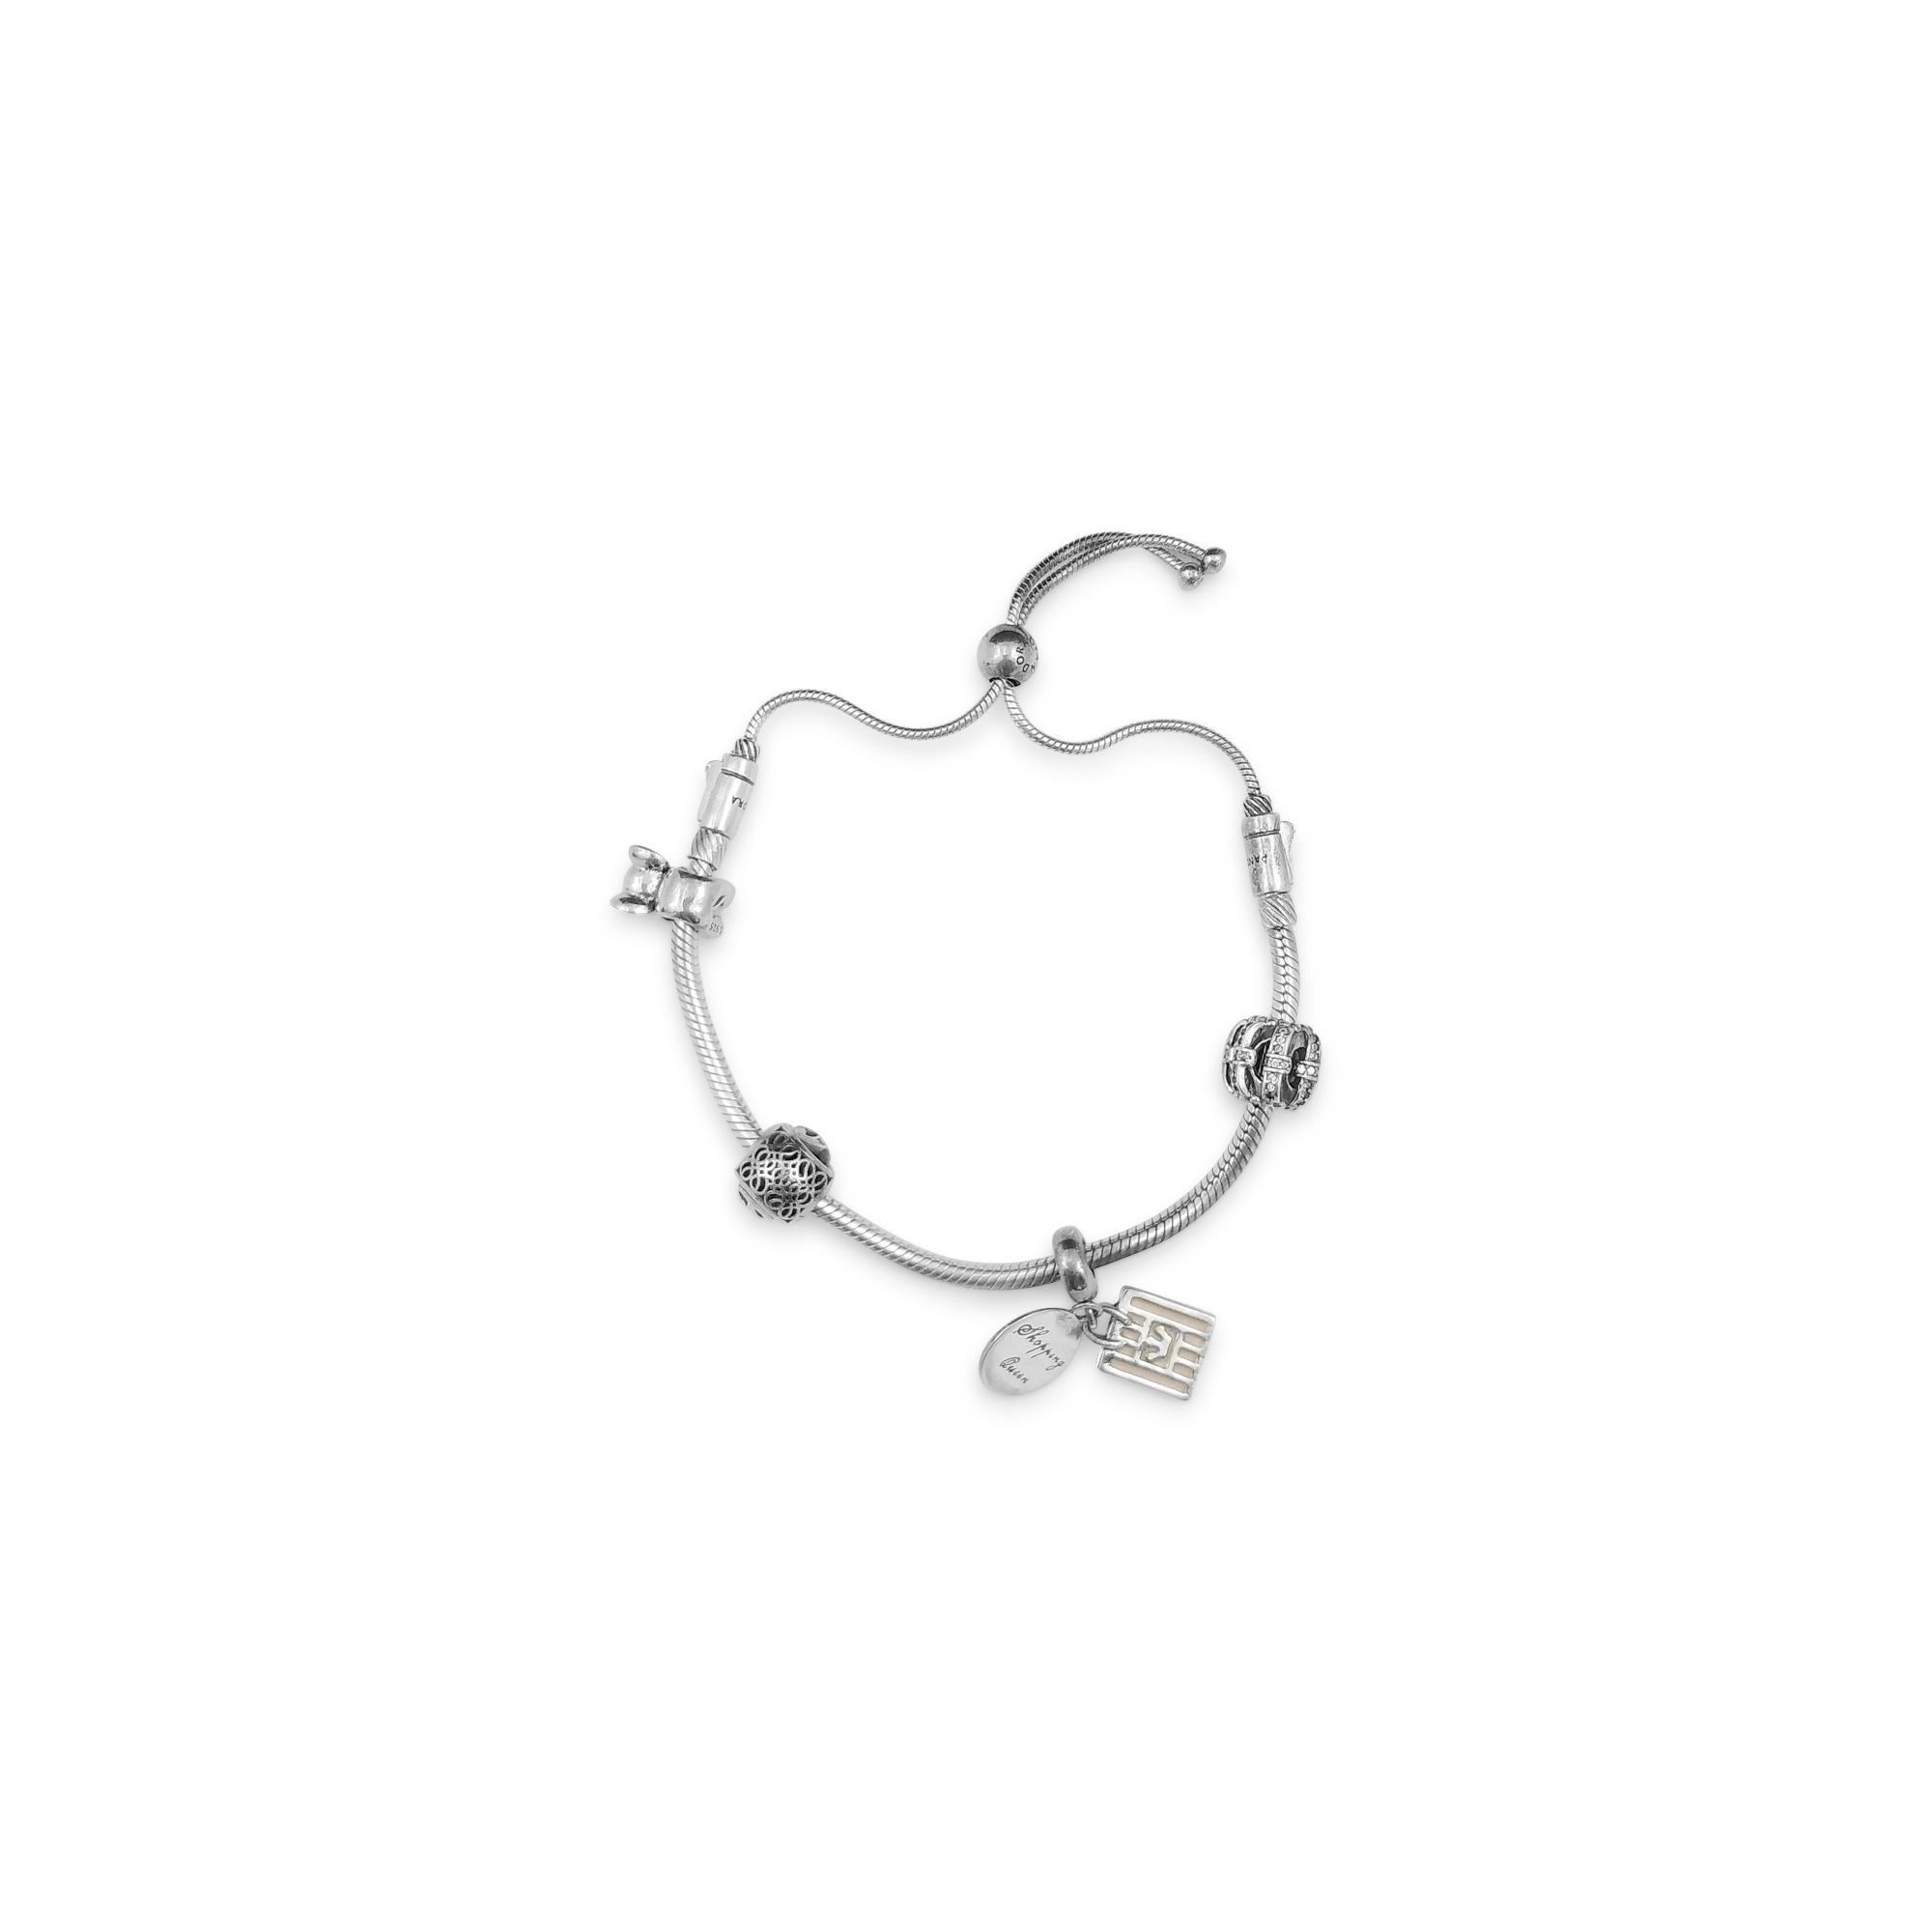 Royalty Charm Bracelet for girls